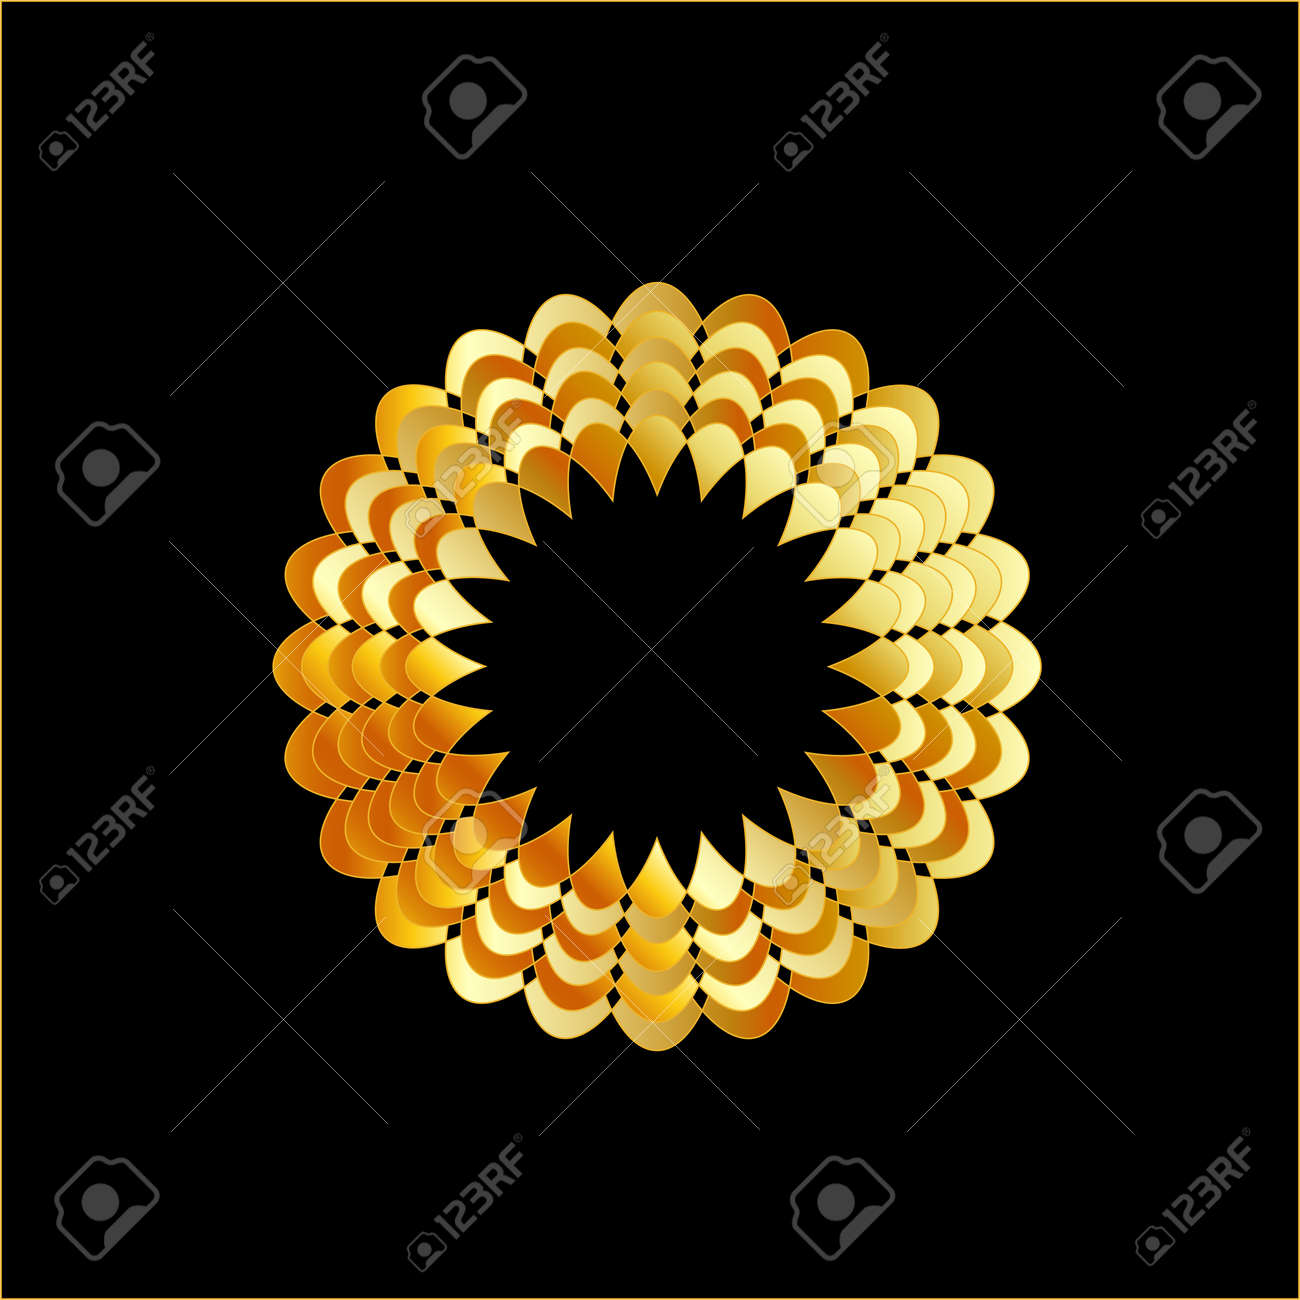 Golden flower shaped ornament Stock Vector - 23378055